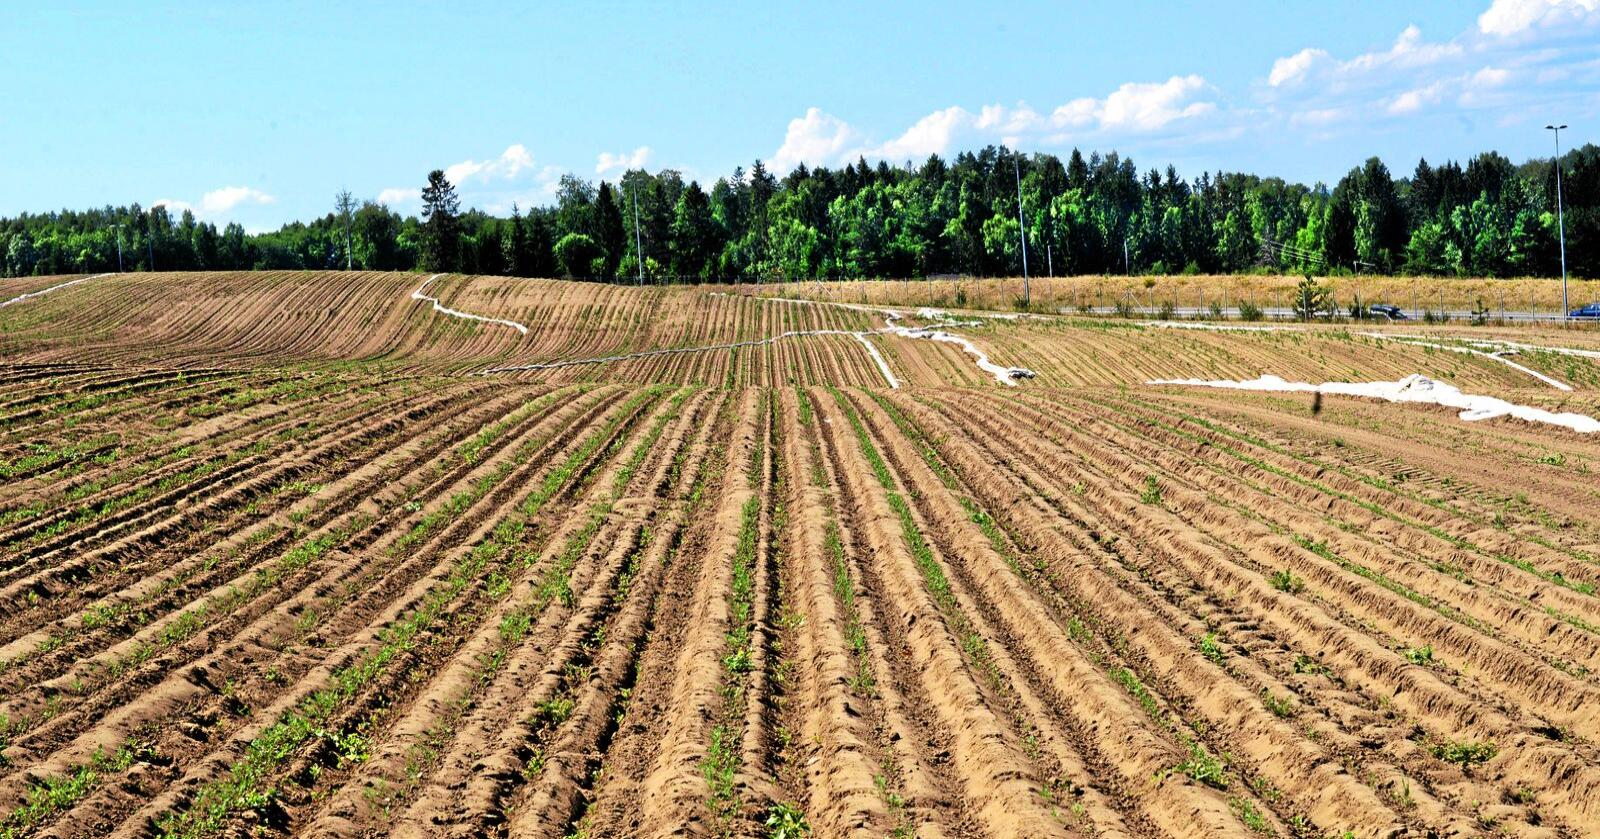 Prosjektet skal vurdere risikoen av å importere grovfôr, og er delt opp i fire: fôr, dyrehelse, plantehelse og biologisk mangfald. Arkivfoto: Siri Juell Rasmussen